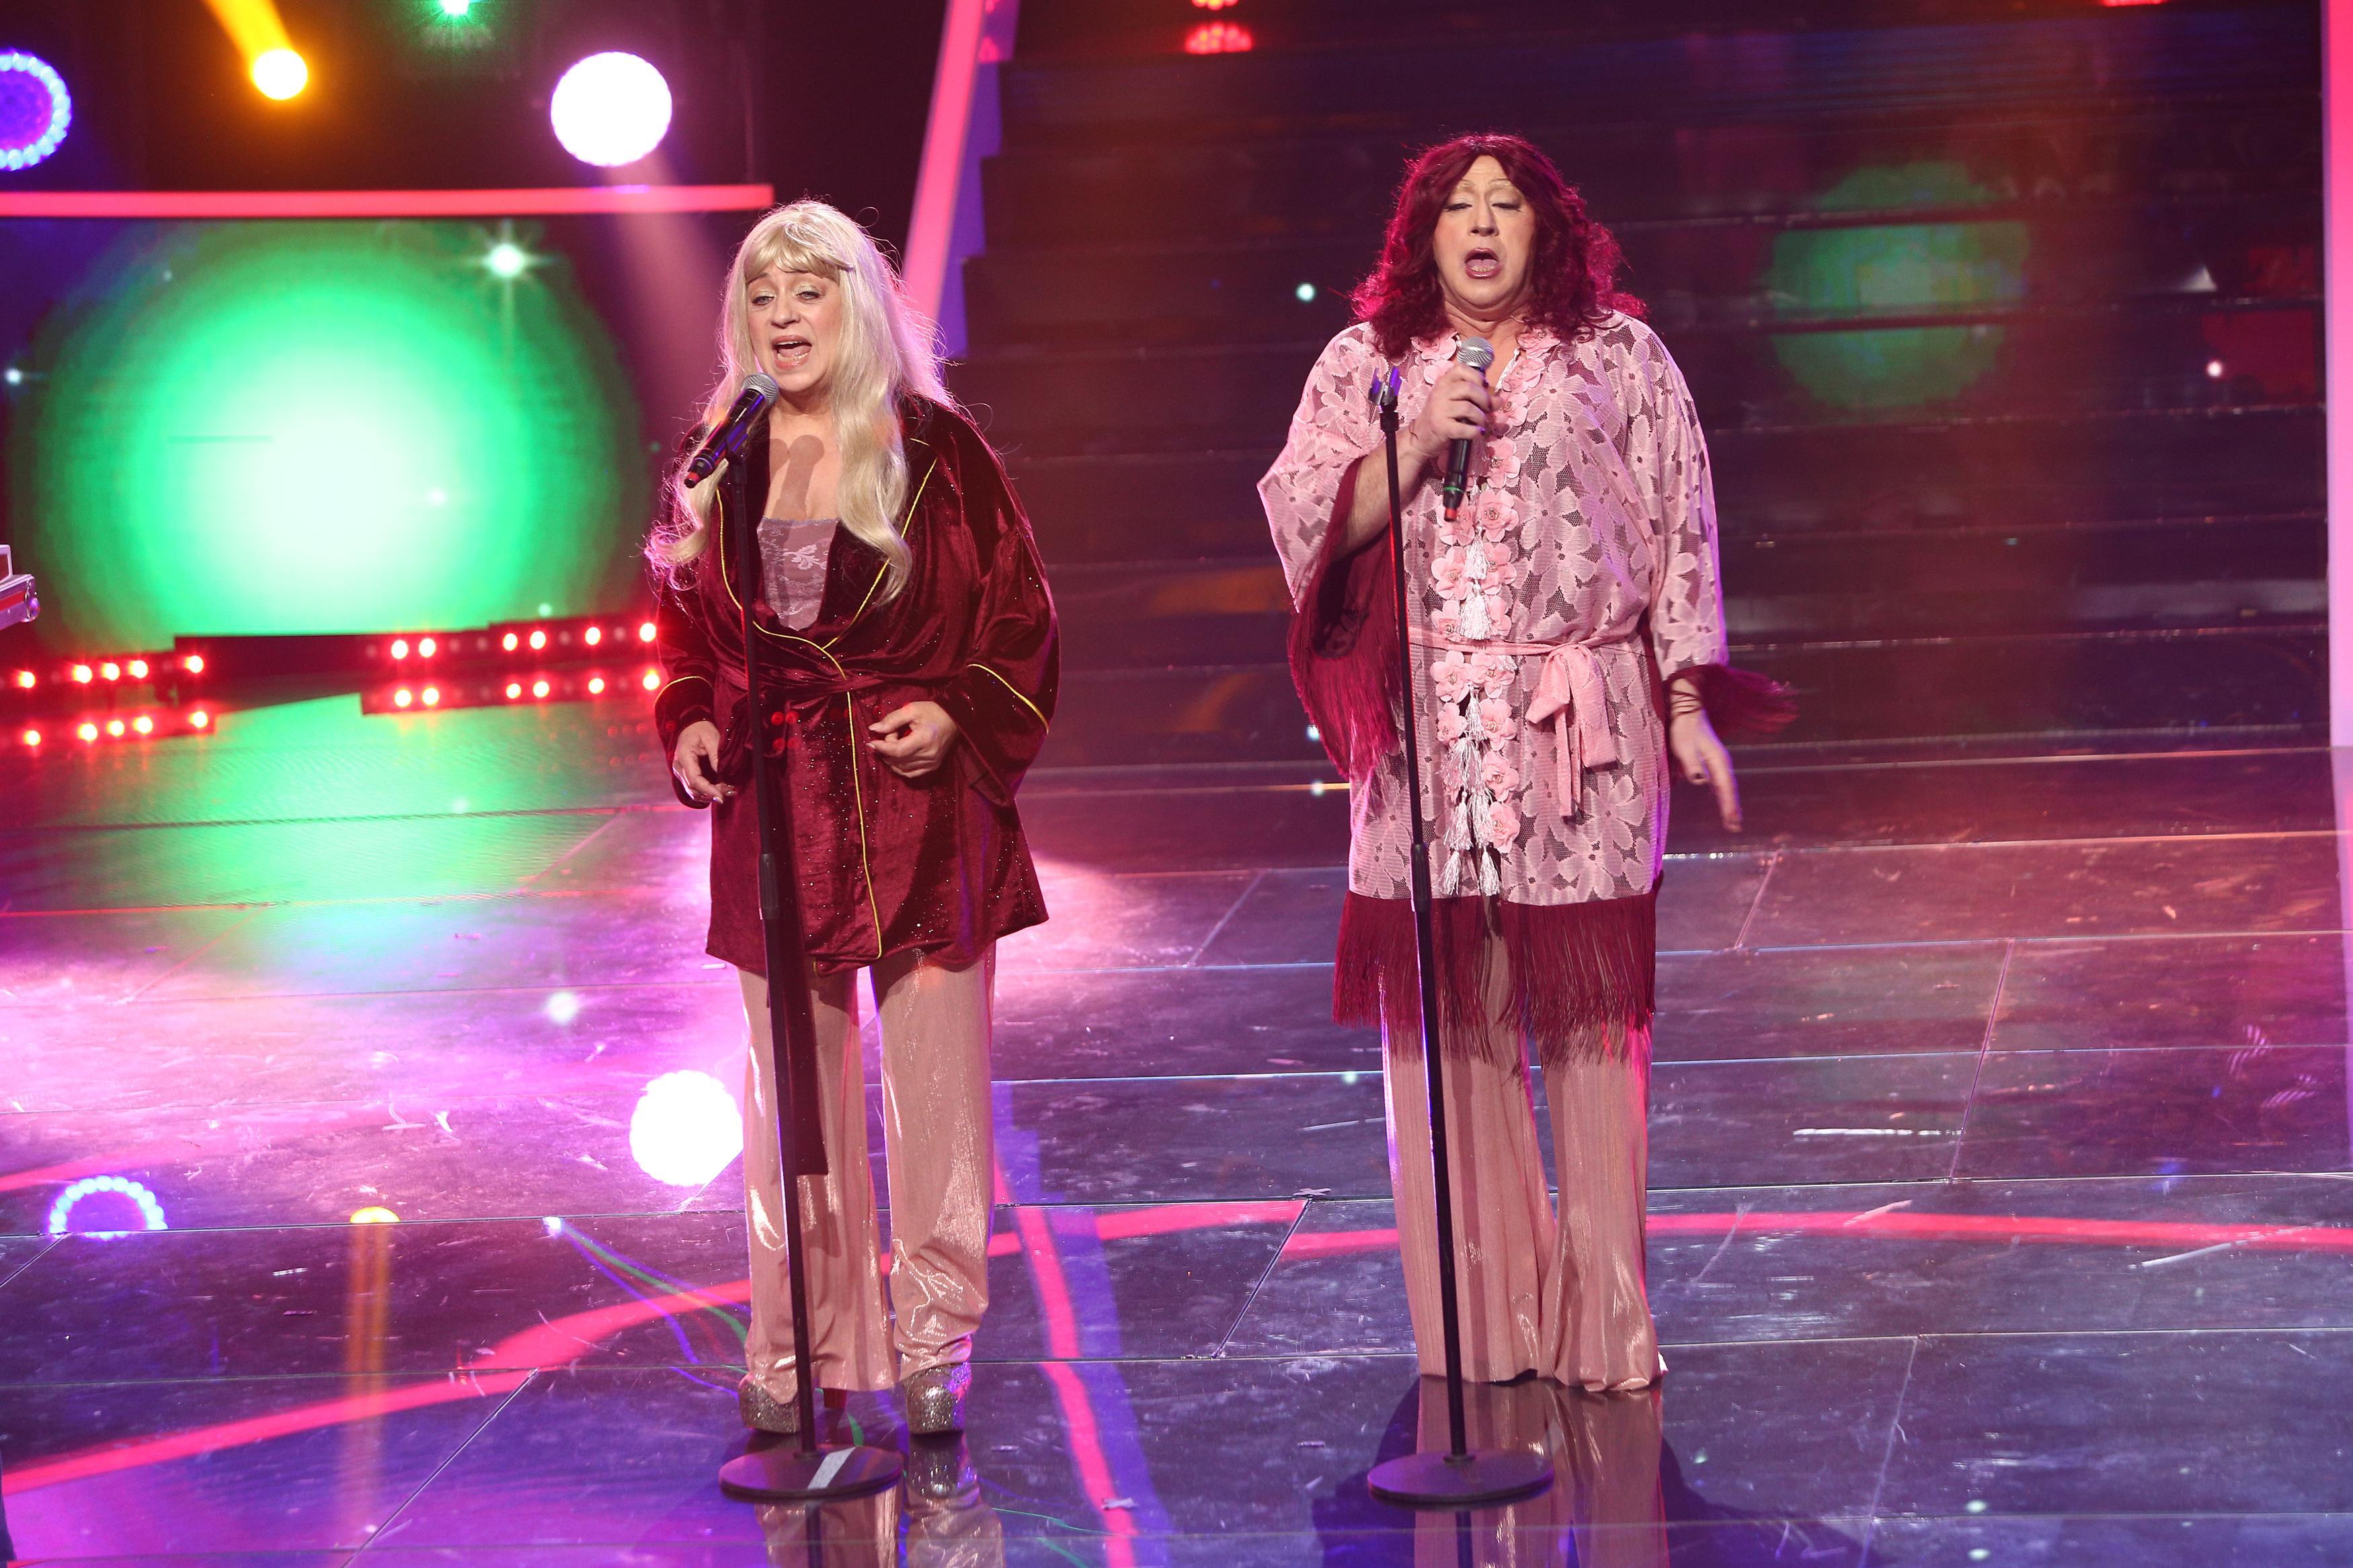 Te cunosc de undeva, 13 februarie 2021. Adriana Trandafir și Romică Țociu, artiștii de excepție transformați în ABBA